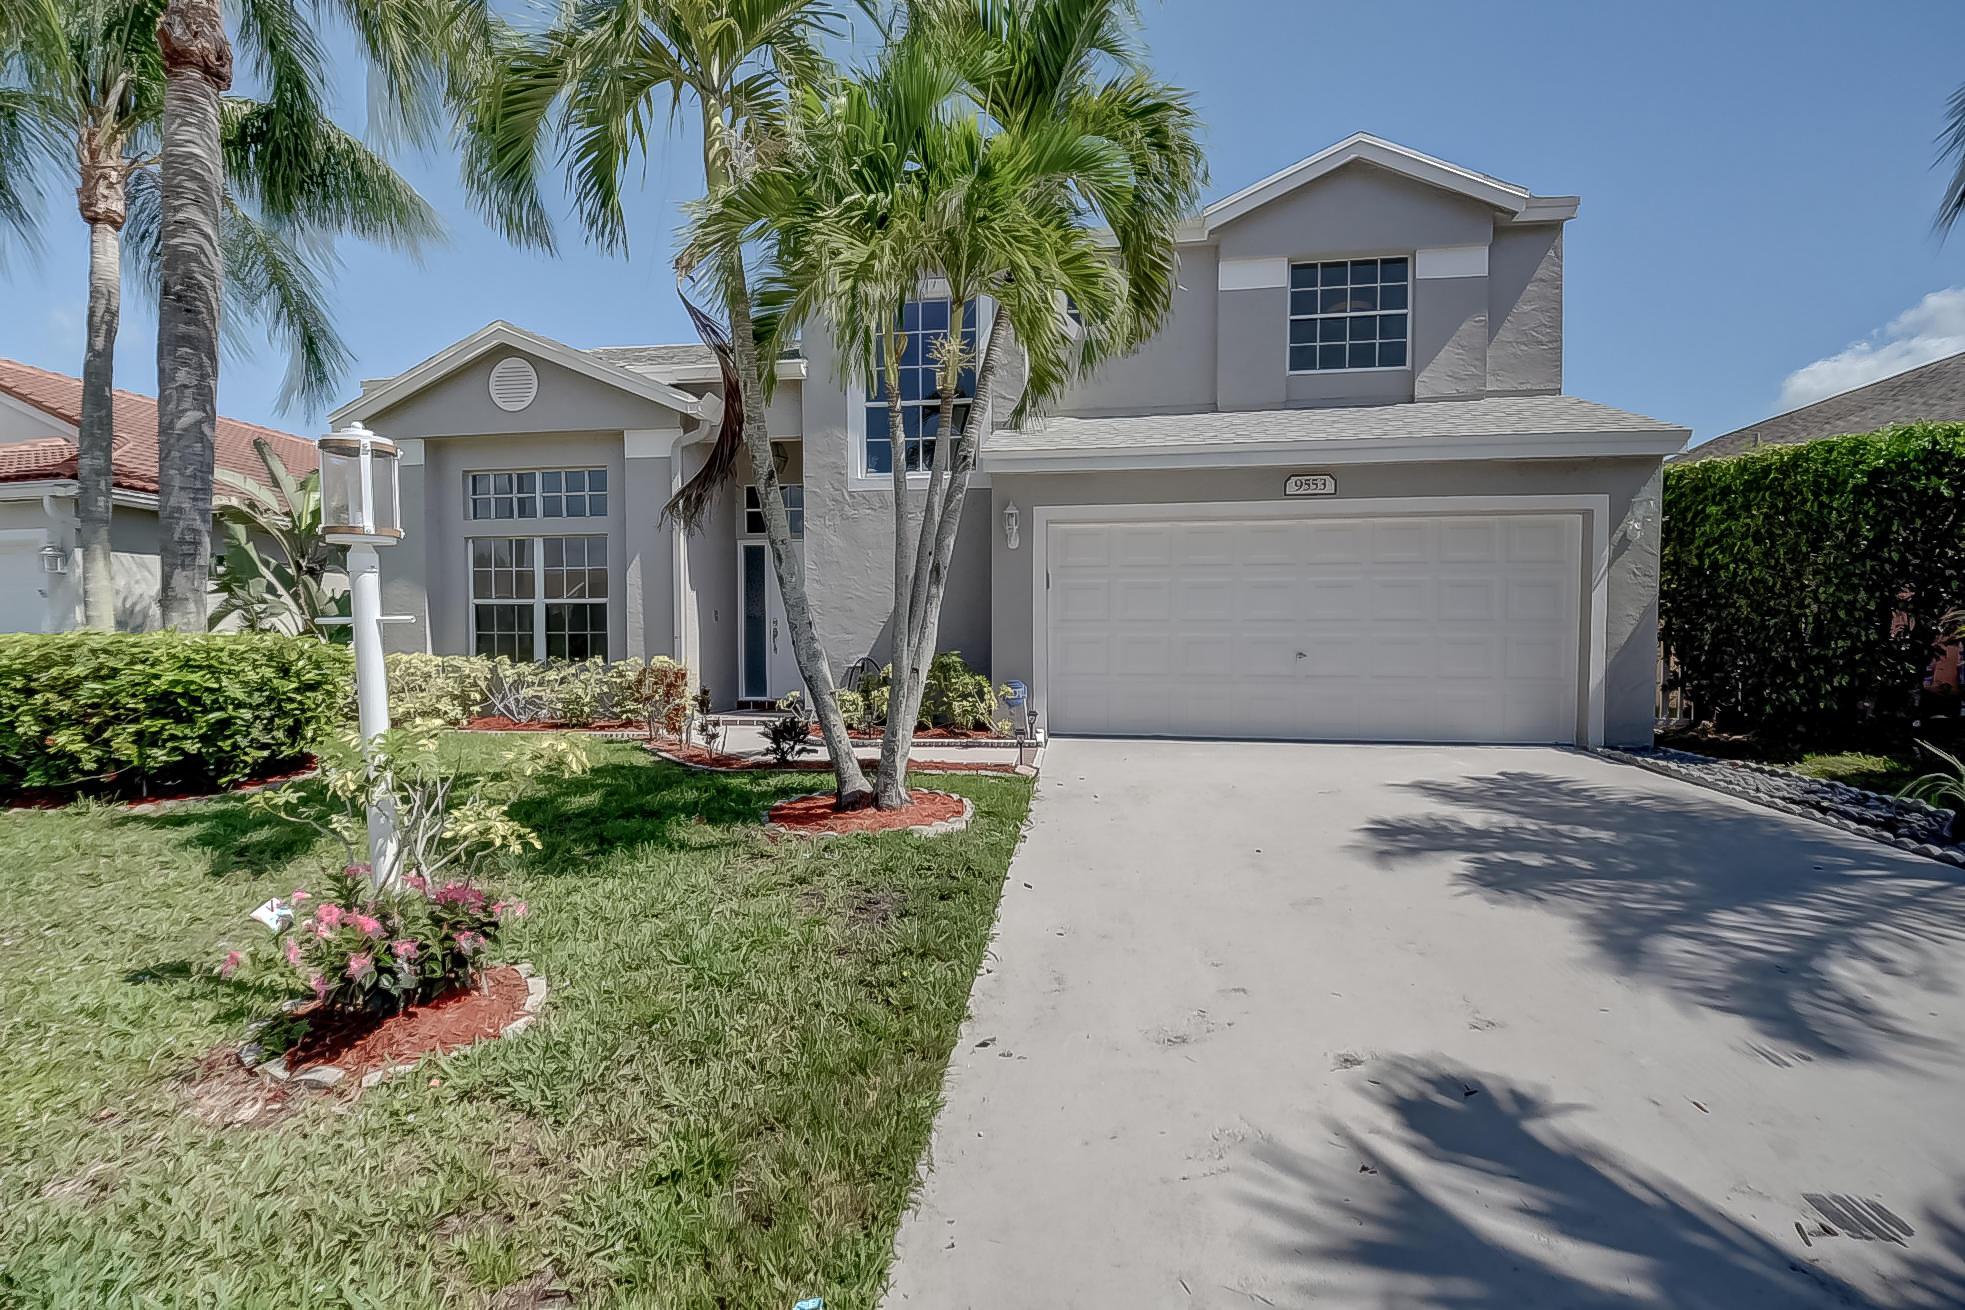 9553 Tavernier Drive Boca Raton, FL 33496